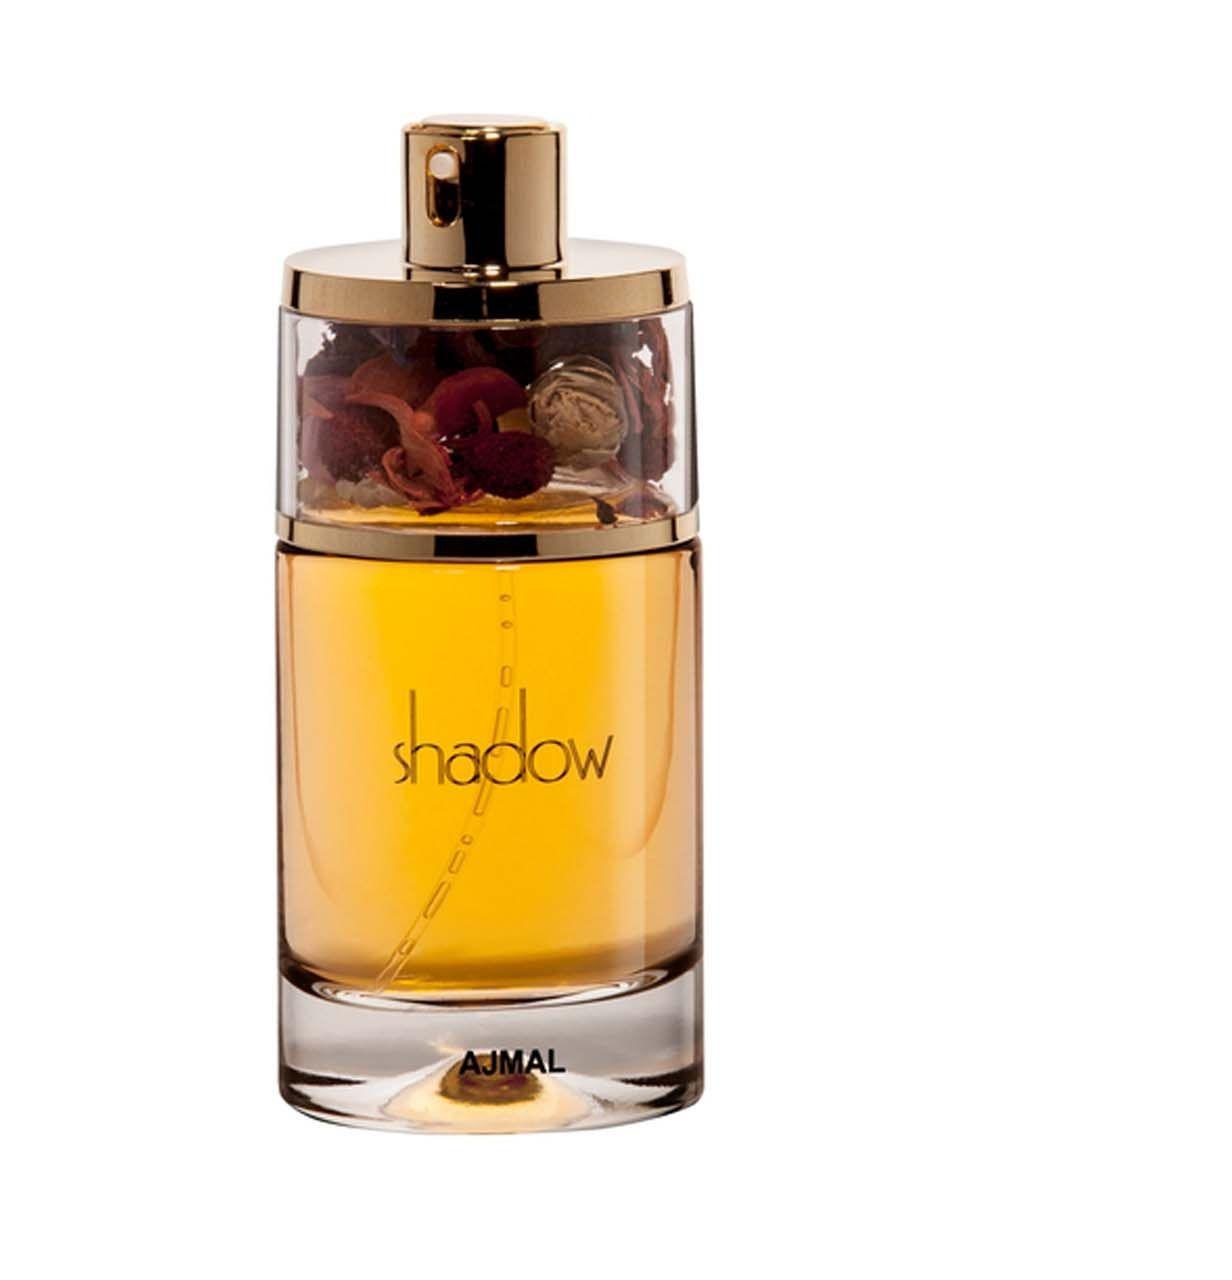 عطر های دانشجویی مجموعه عطر های اجمل محدوده قیمتی از 38 هزار تومان تا 64 هزار تومان در 11 رایحه زنانه و مردانه Perfume Perfume Bottles Bottle